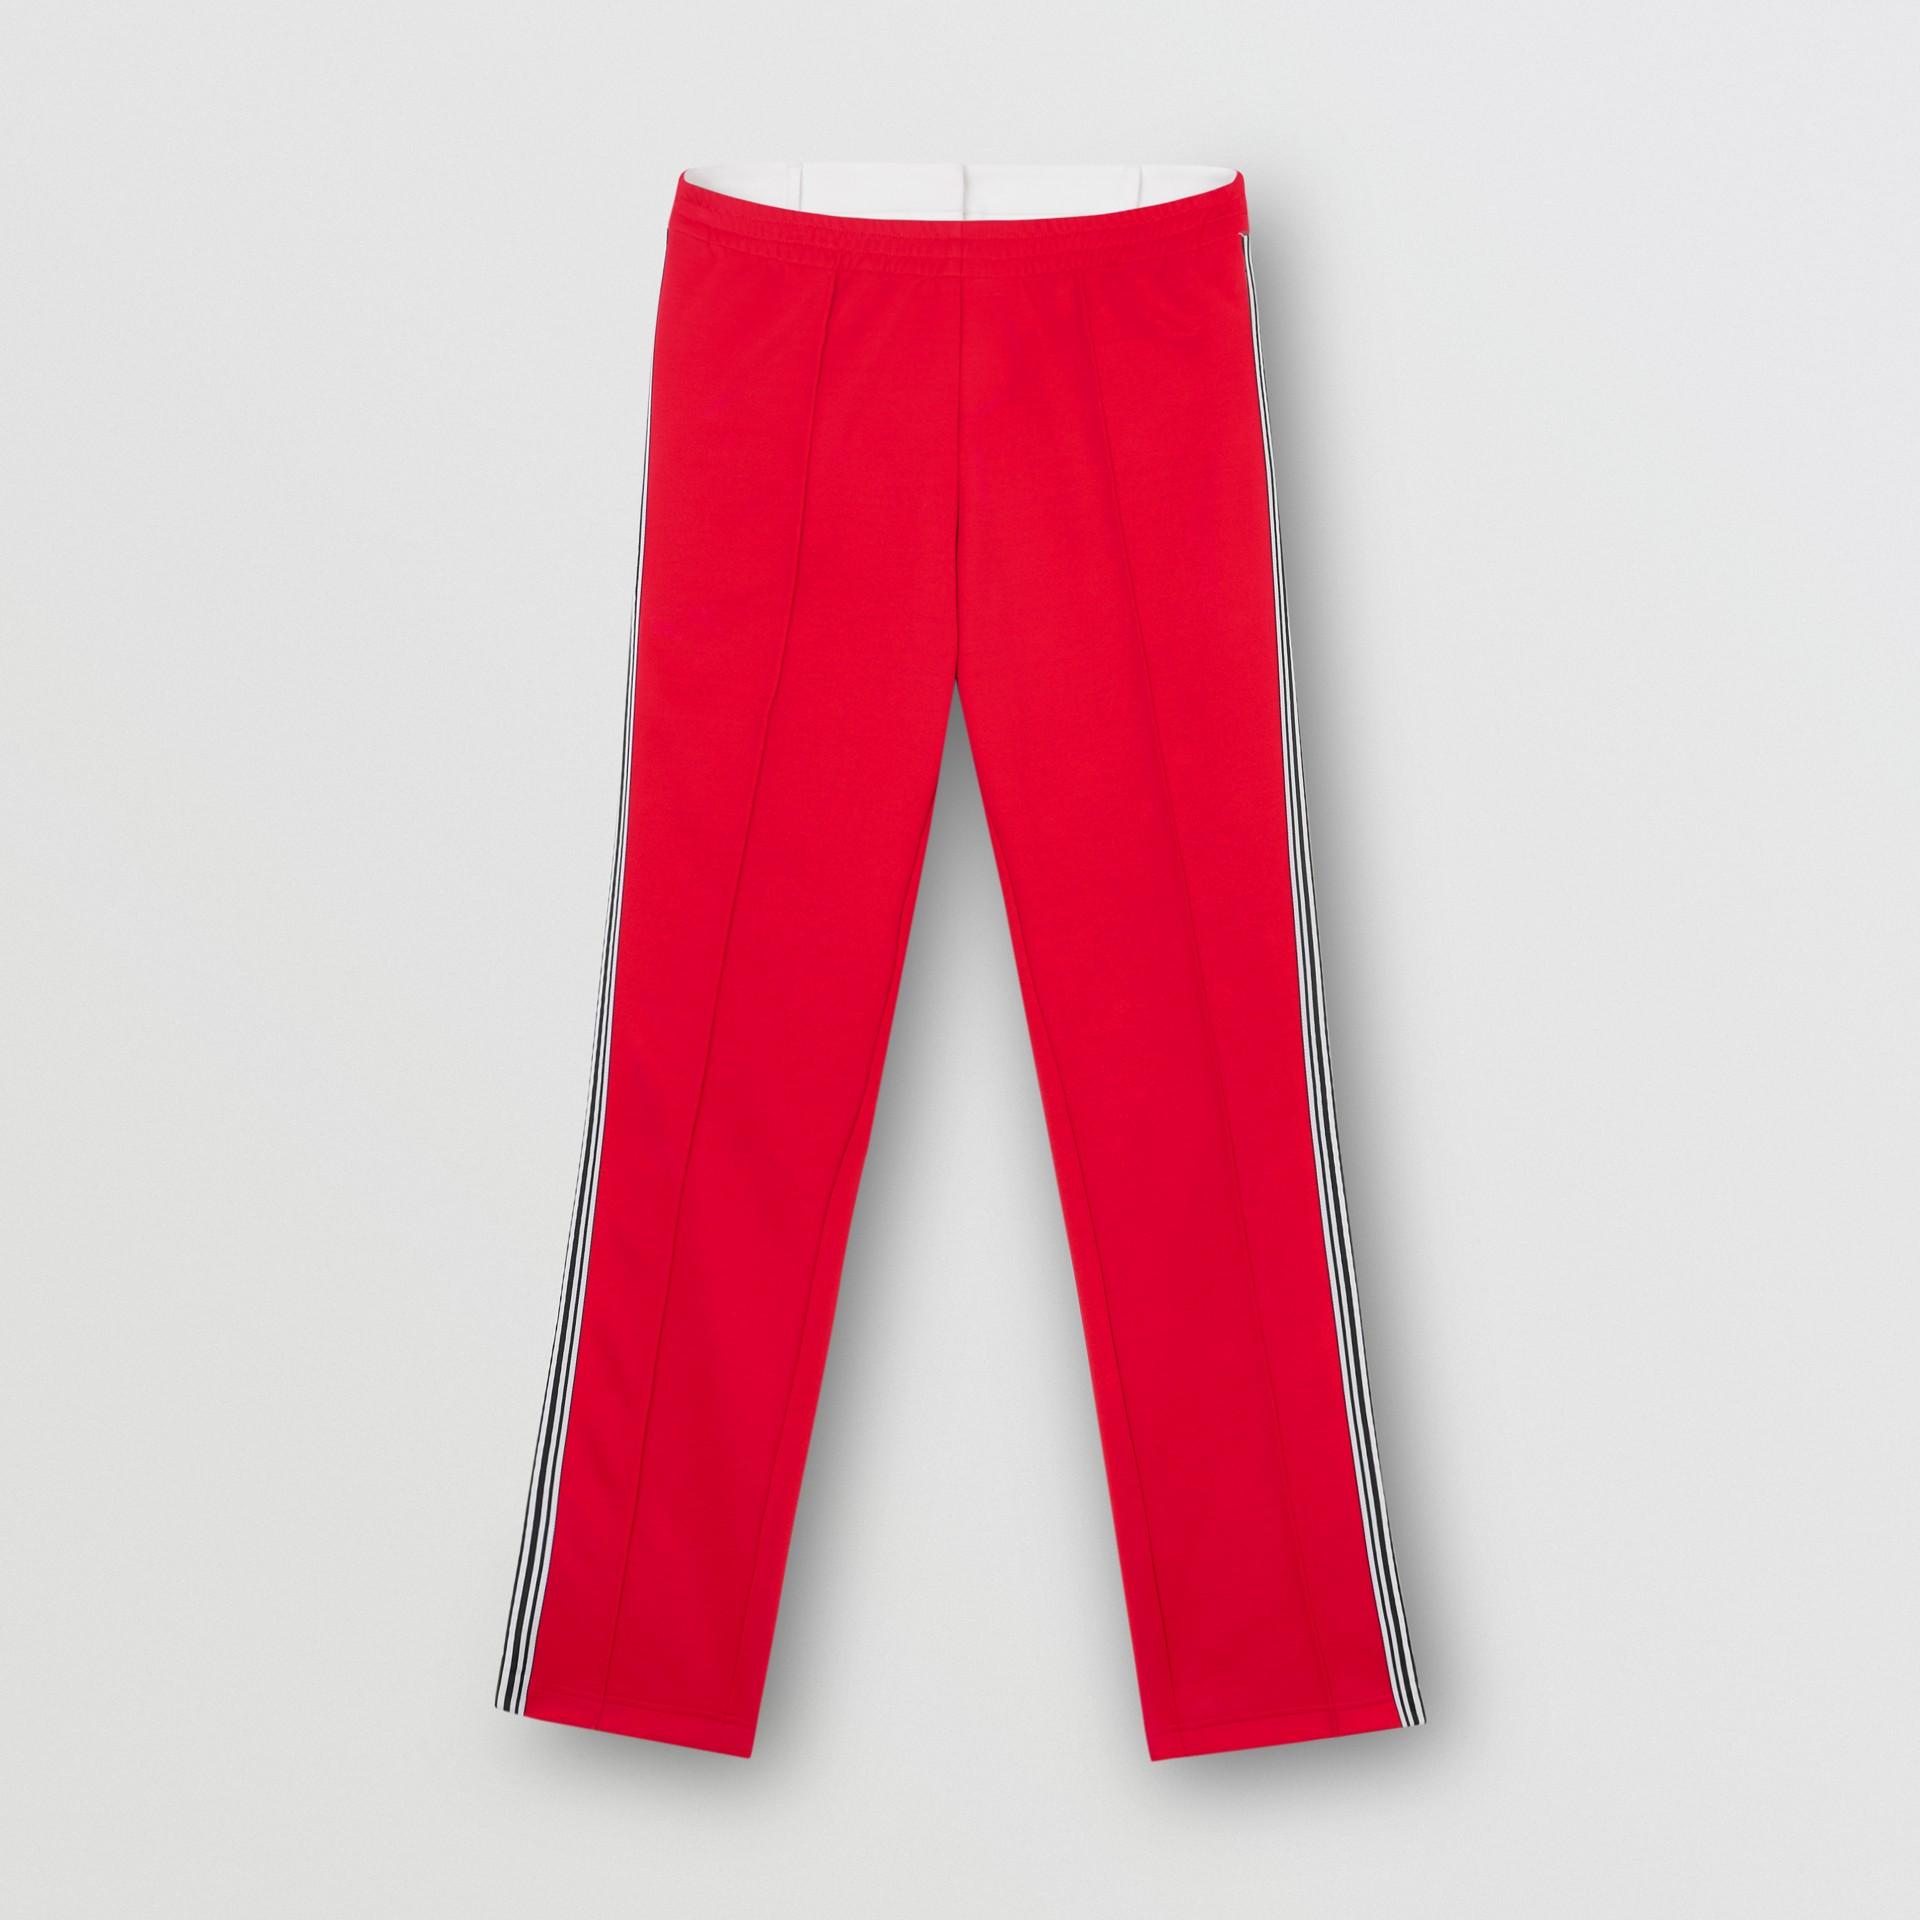 Track pants de malha com cintura dupla e detalhe listrado (Vermelho Intenso) - Mulheres | Burberry - galeria de imagens 3